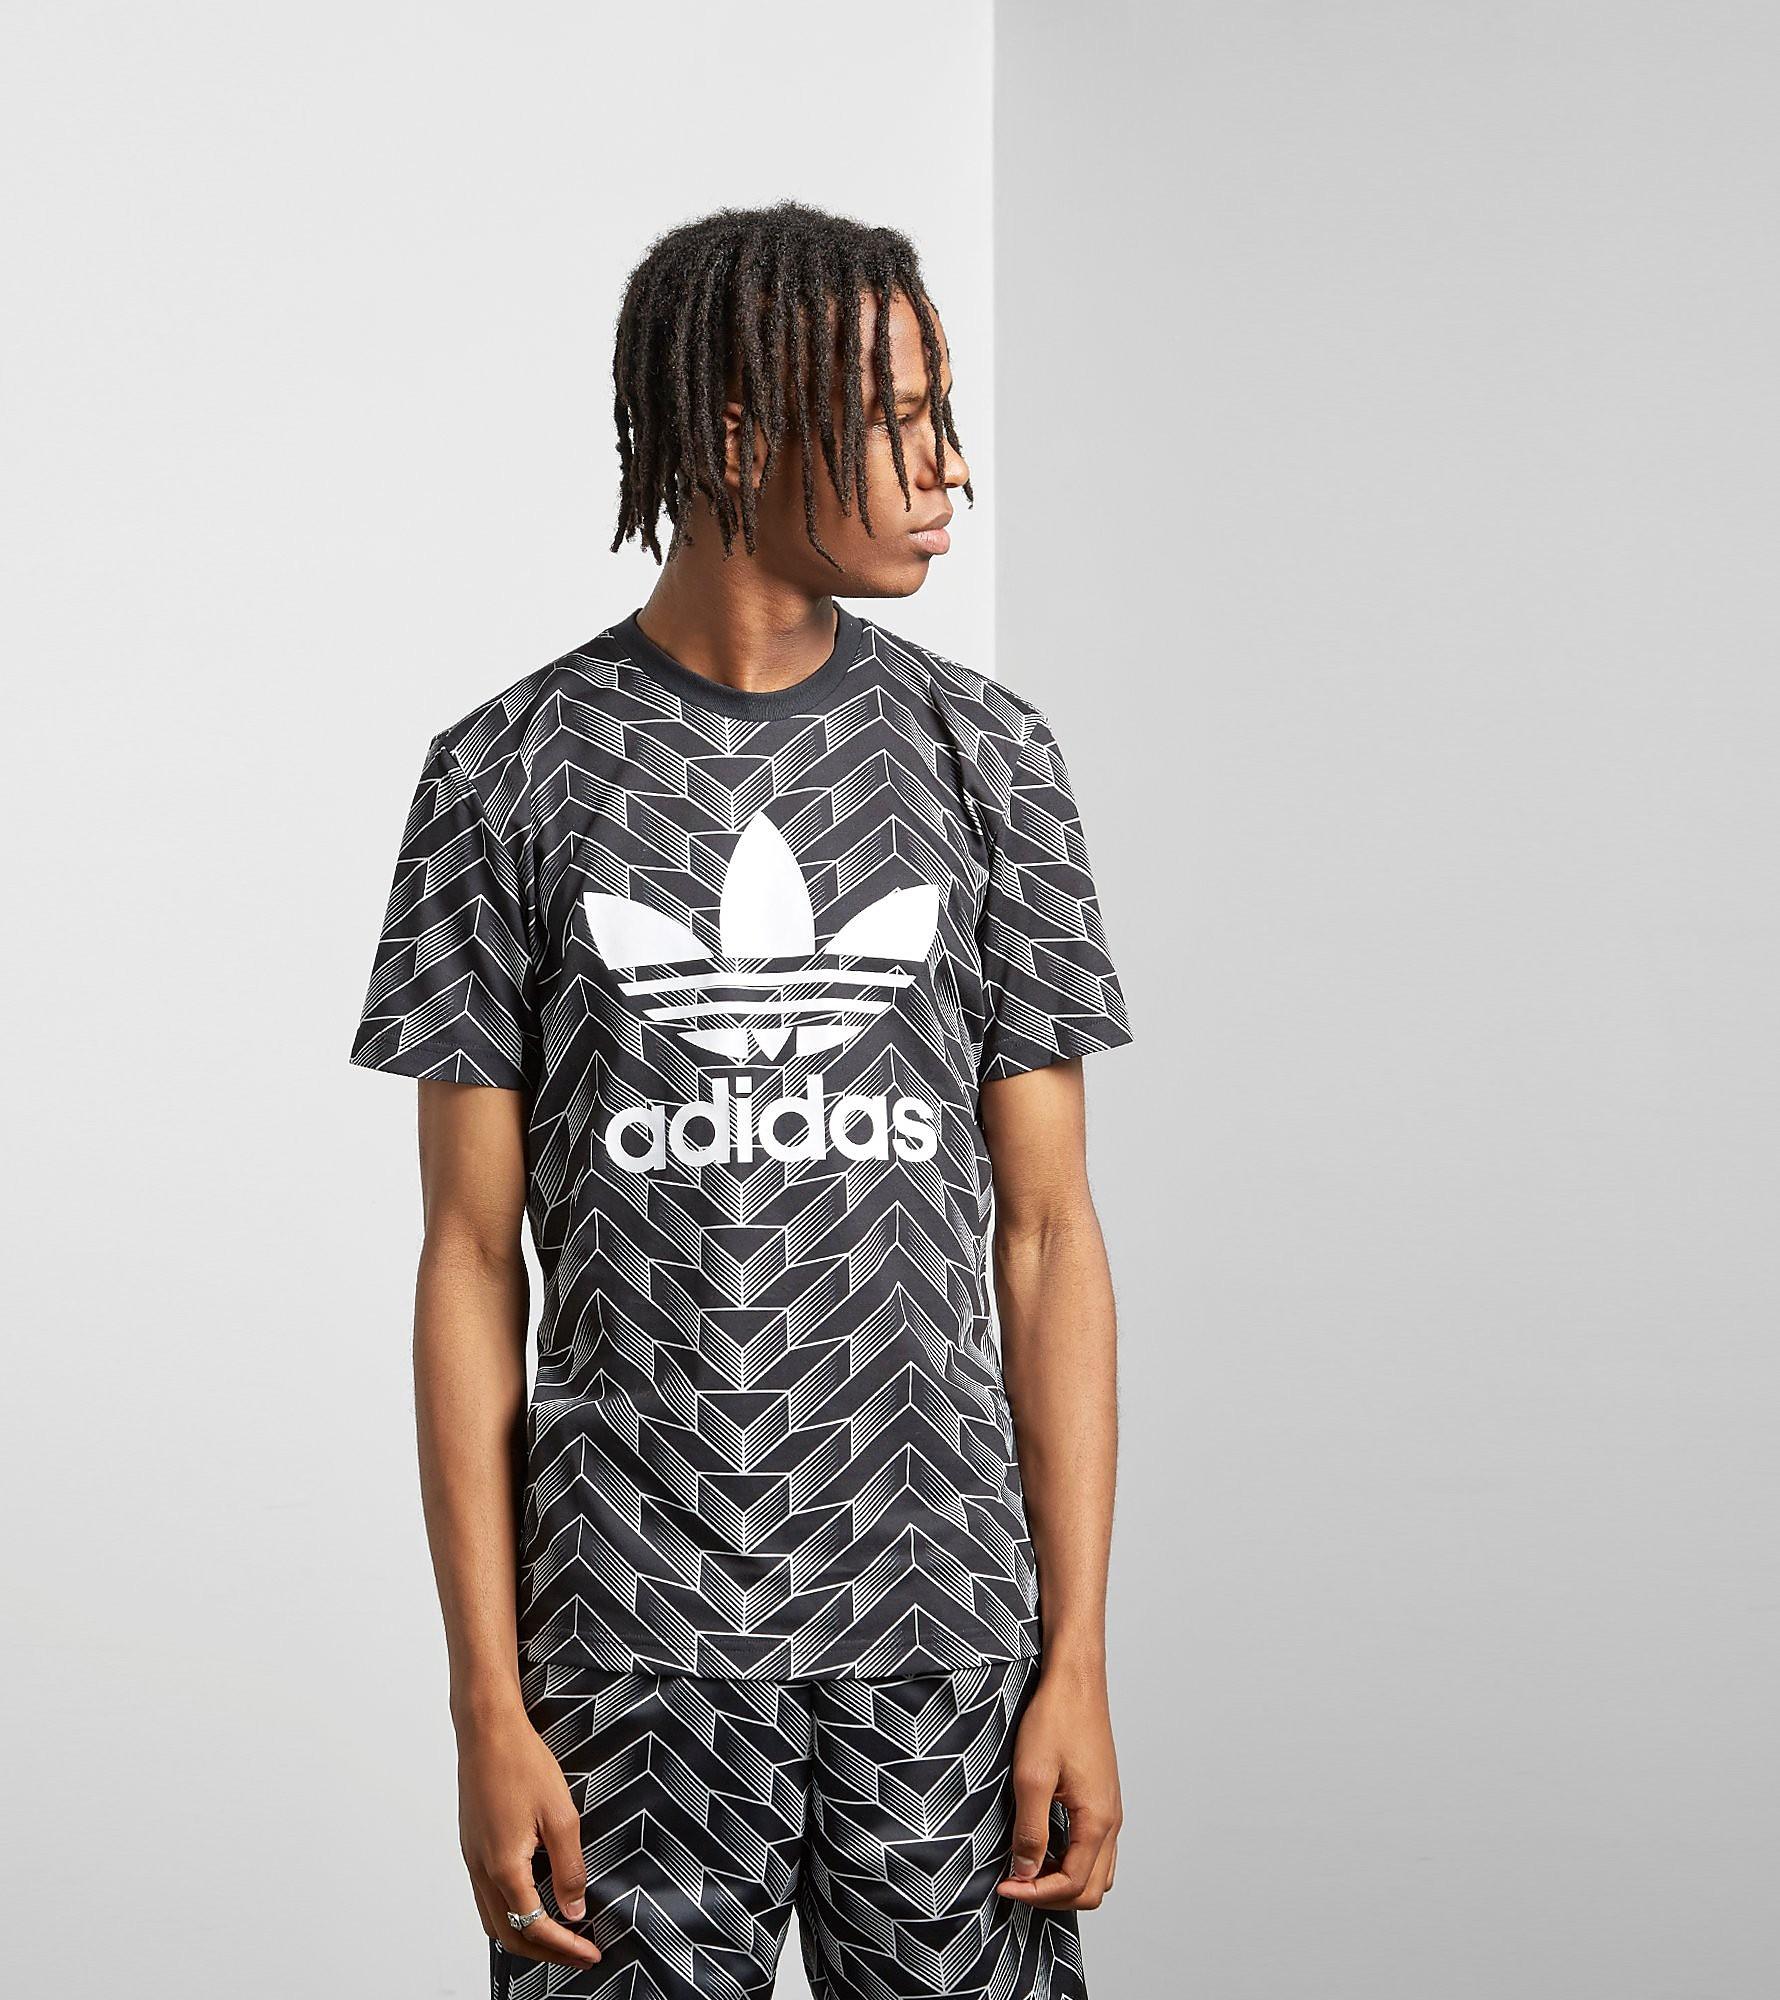 adidas Originals Soccer Trefoil Short Sleeve T-Shirt